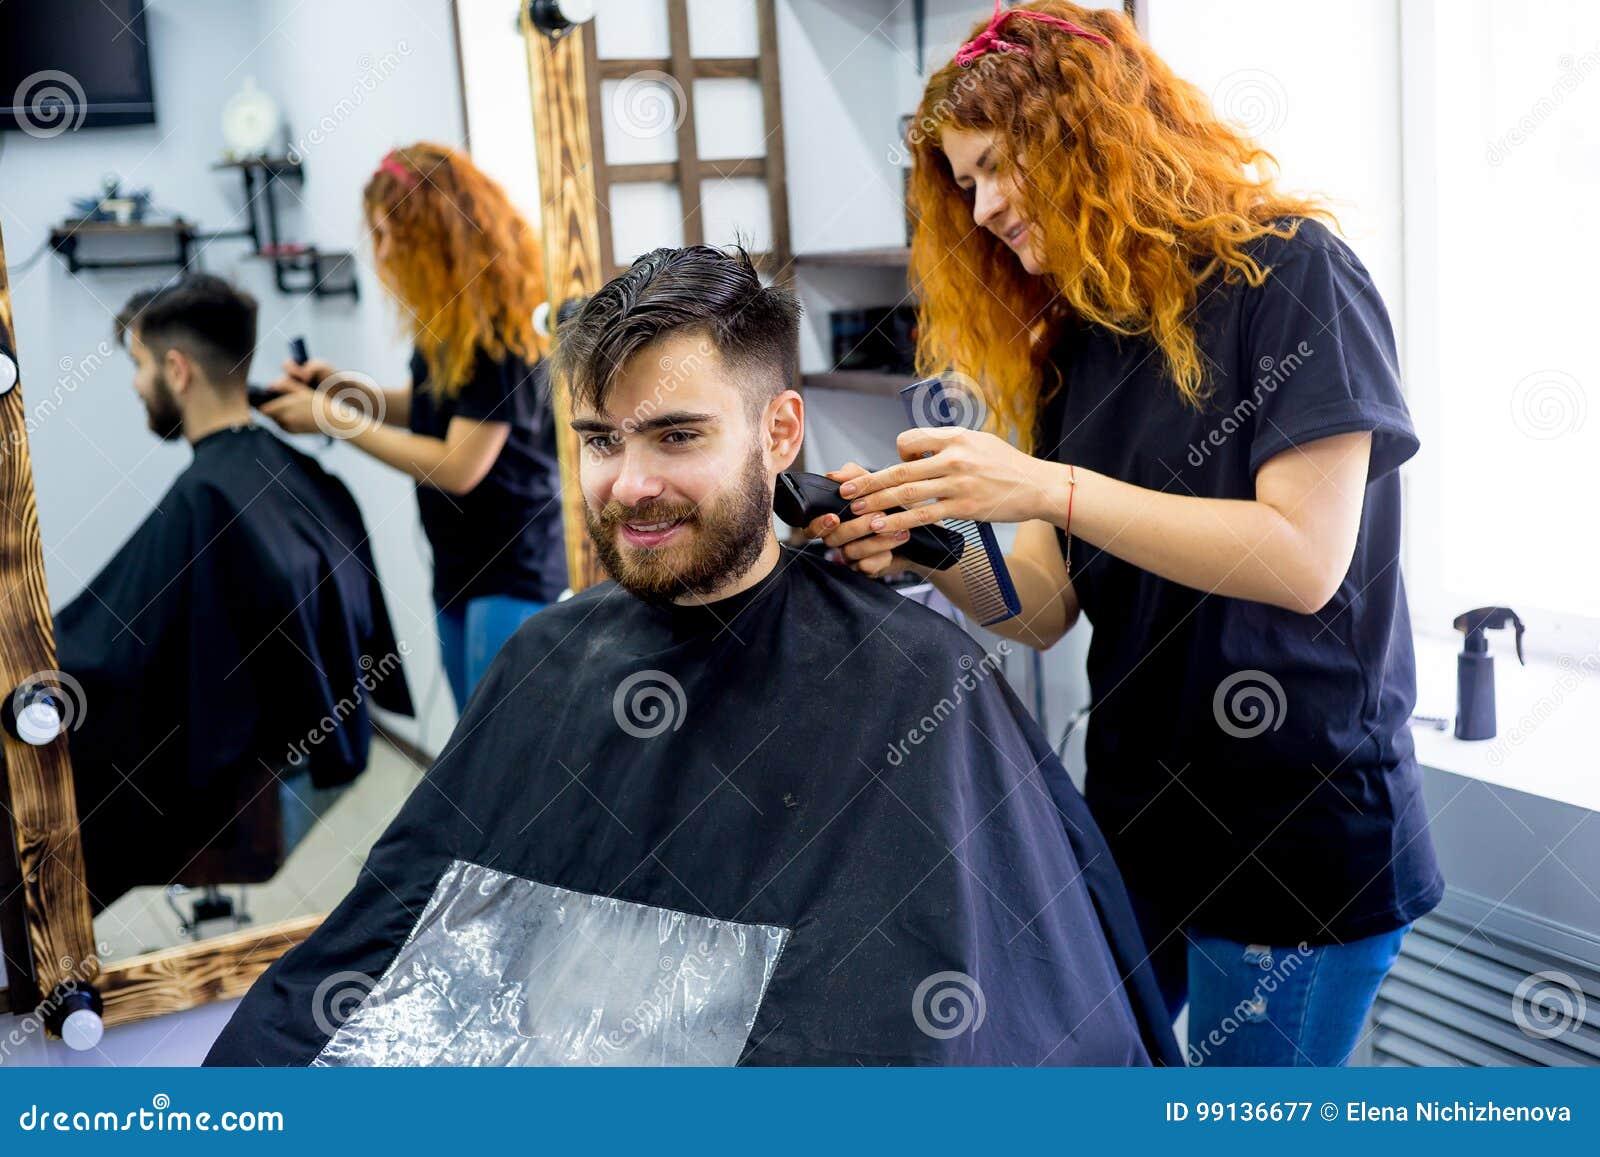 Man at a hair salon